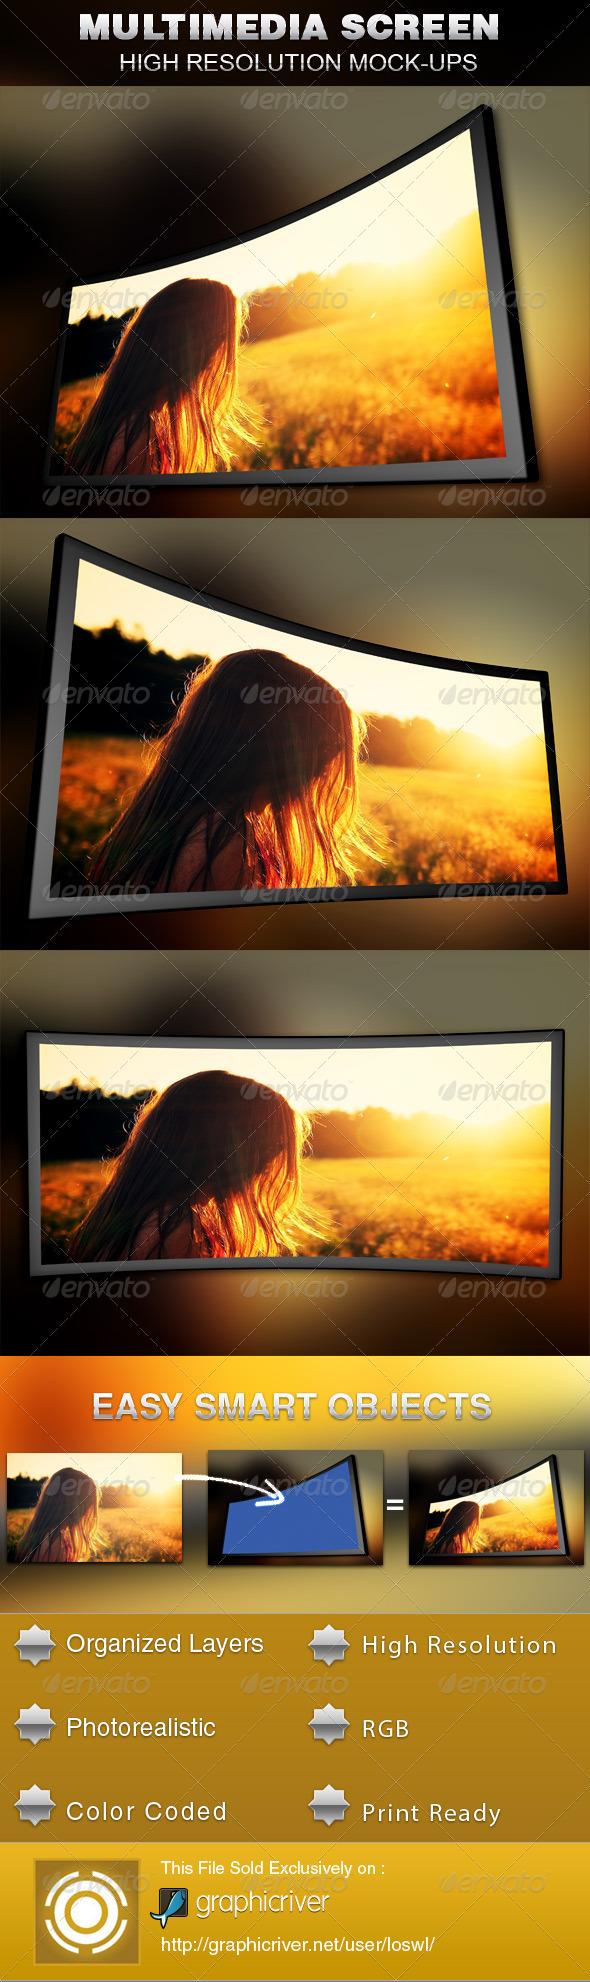 GraphicRiver Multimedia Screen Mockup Template 5349618